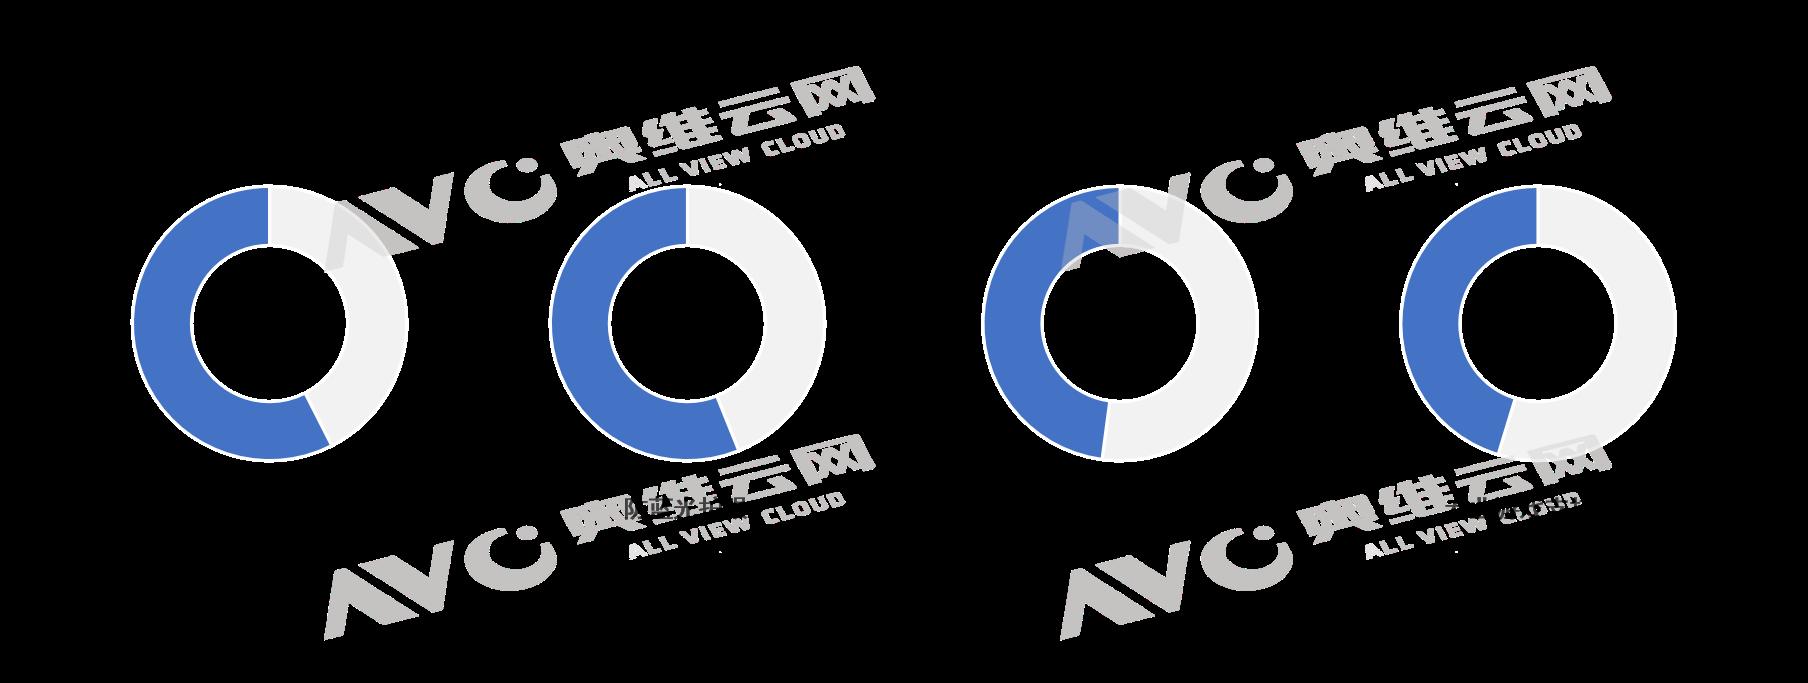 奥维云网2022年彩电预测:抓需求、调结构、稳营收